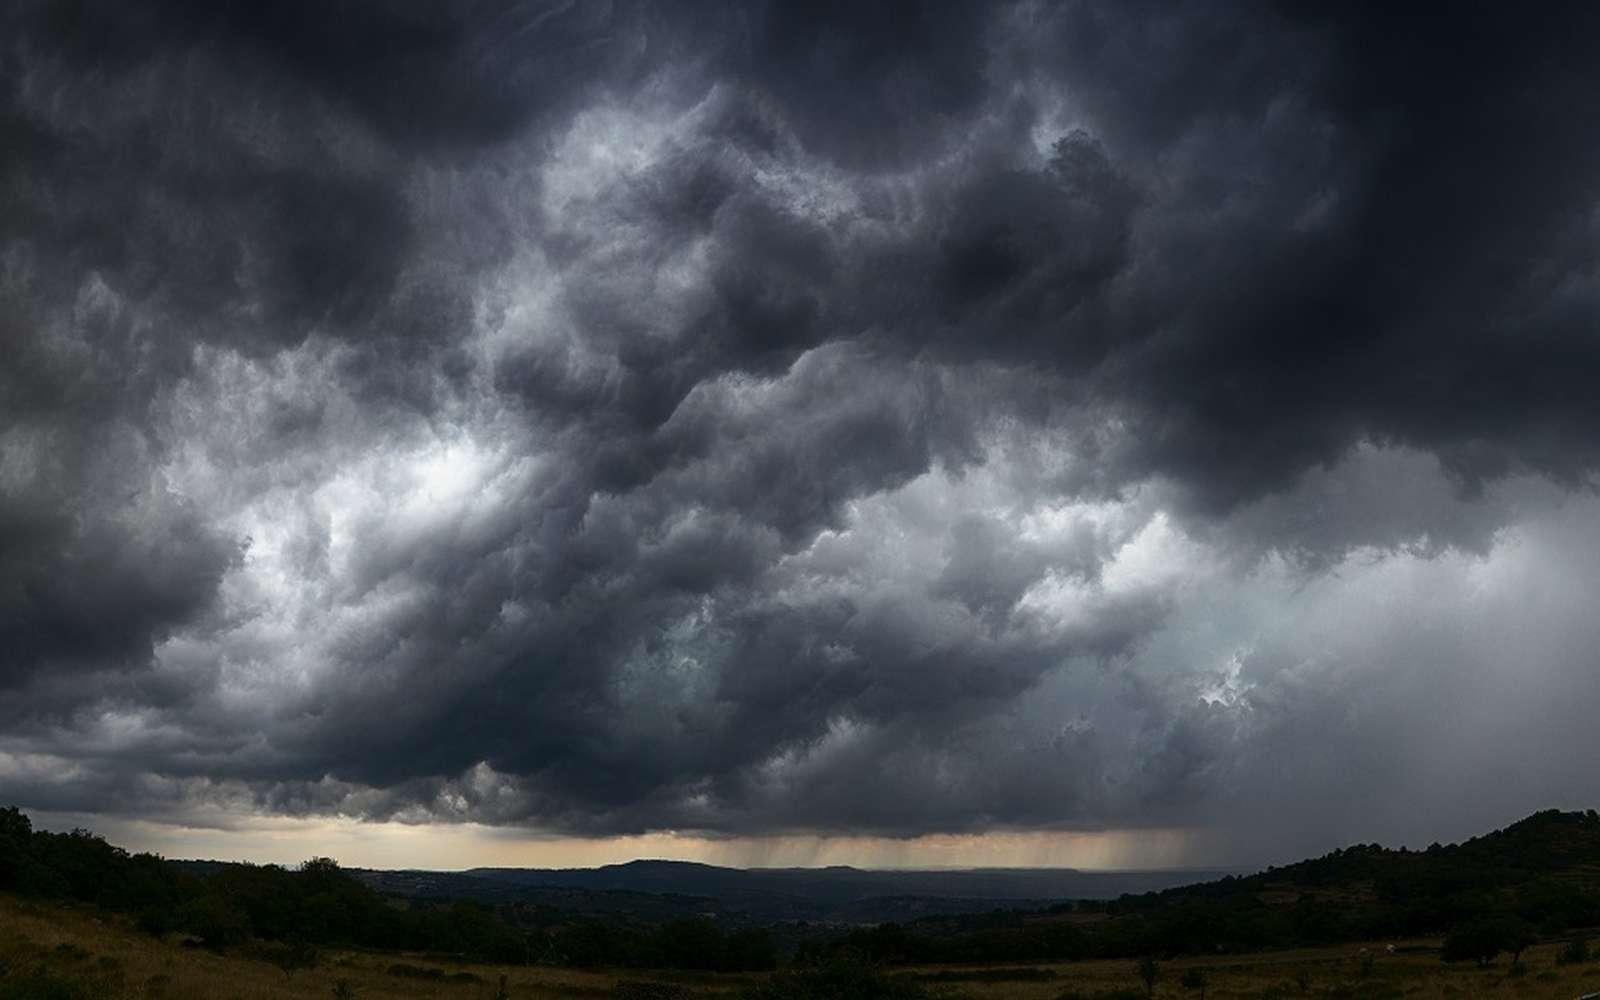 Une anomalie climatique aurait contribué à aggraver les conséquences de la première guerre mondiale. © oraziopuccio, Adobe Stock